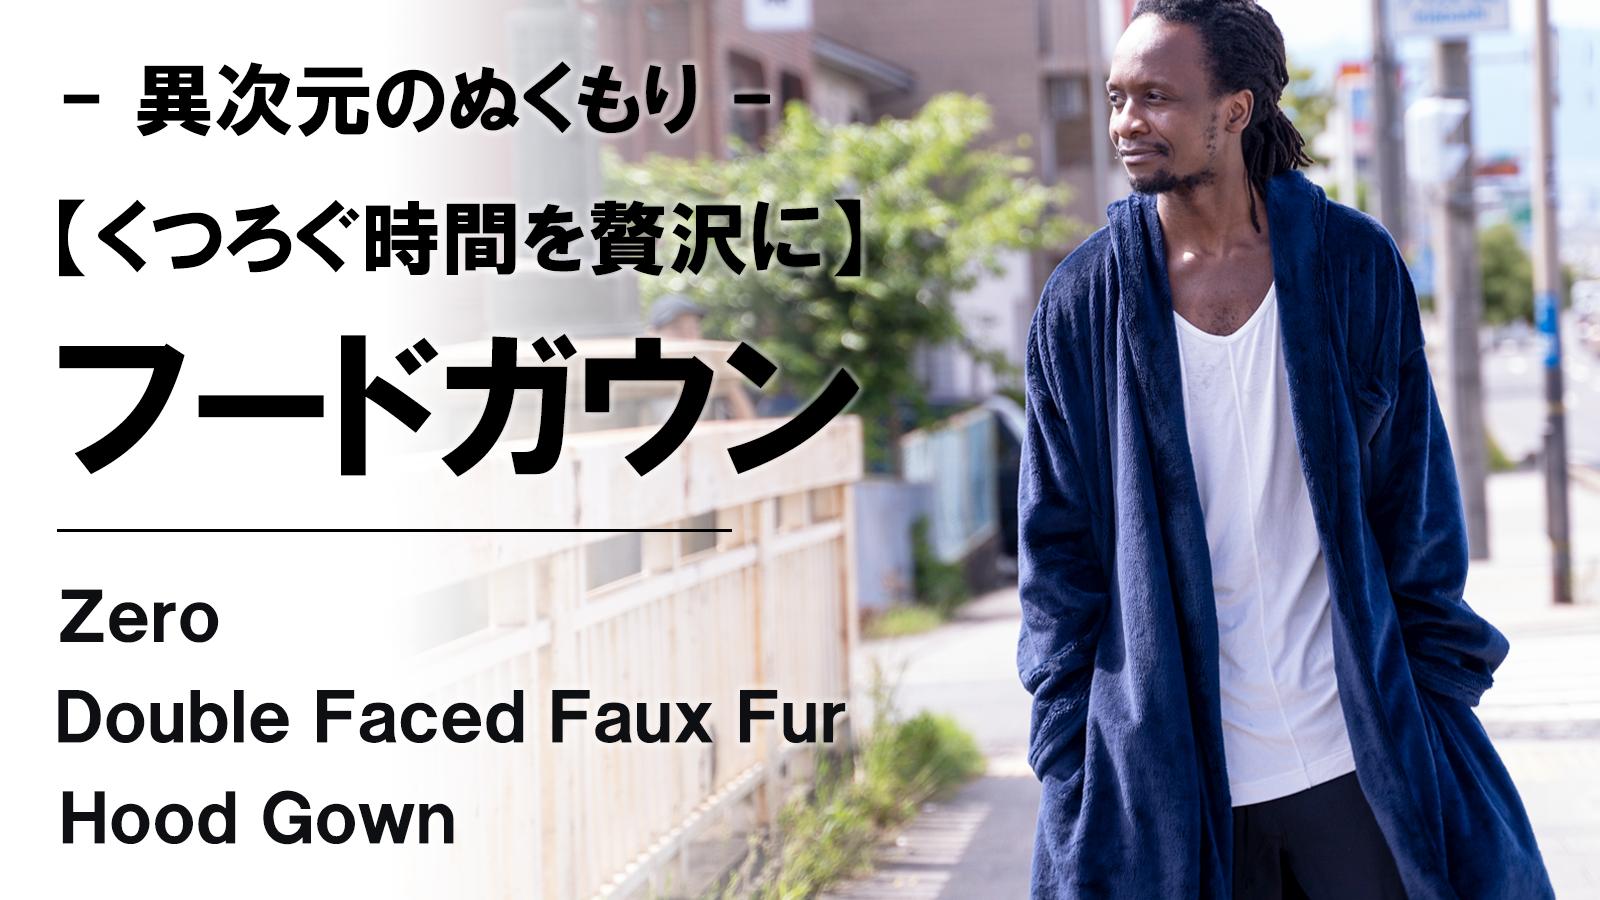 New Makuake Project【ゆったりと少し贅沢な日常を味わう。寒い冬のくつろぐ時間を快適にするフードガウン】